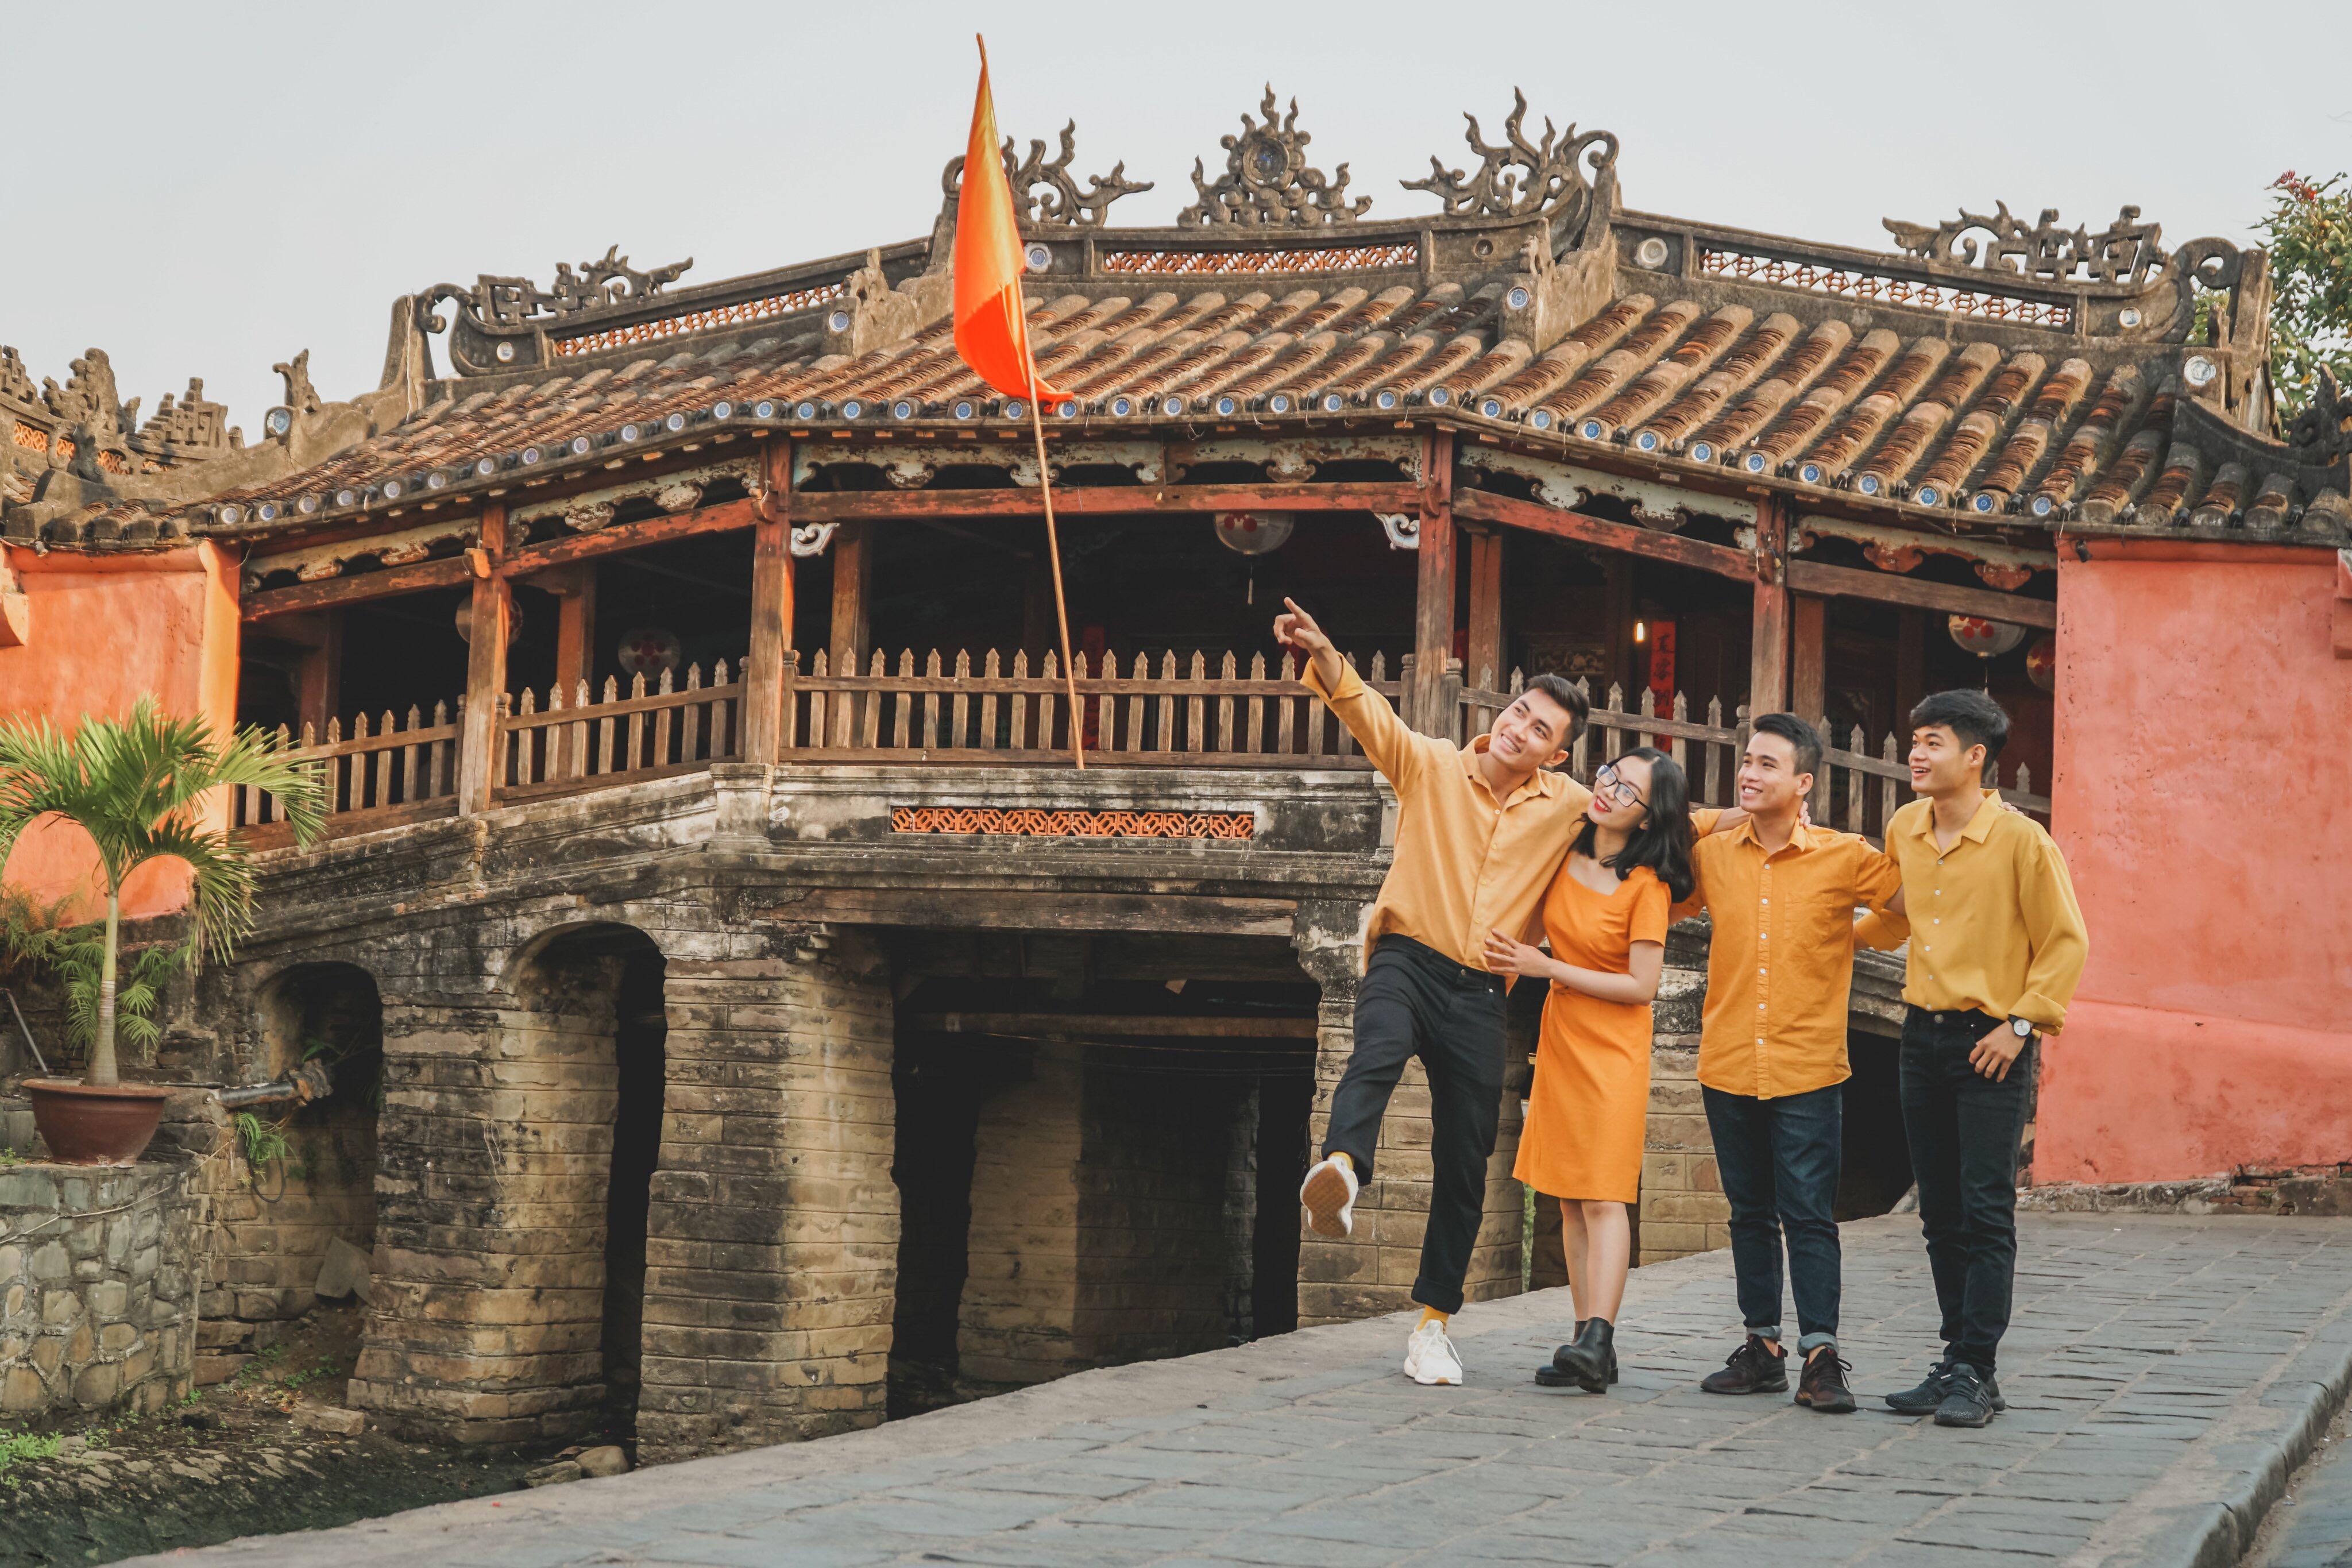 Kinh Nghiệm Du Lịch Hội An Và Đà Nẵng Chỉ Với 4 Triệu - Klook Blog